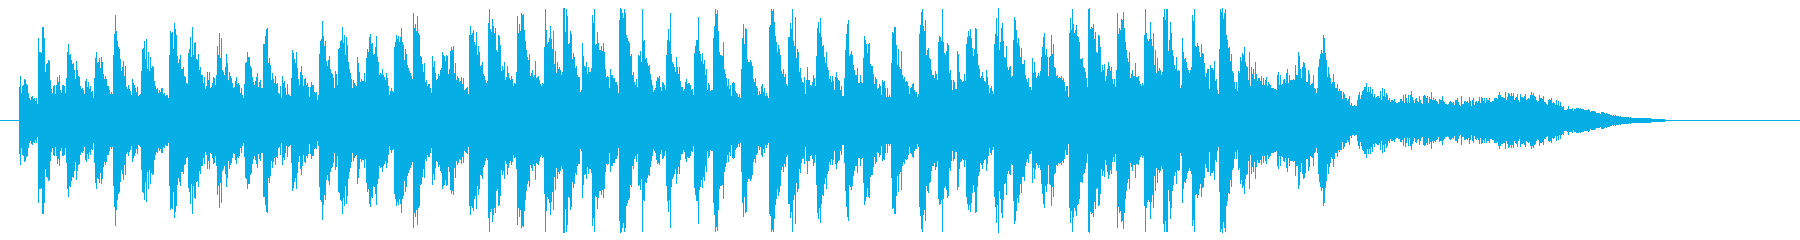 ピアノ主体の緊張感のあるシリアスな曲の再生済みの波形